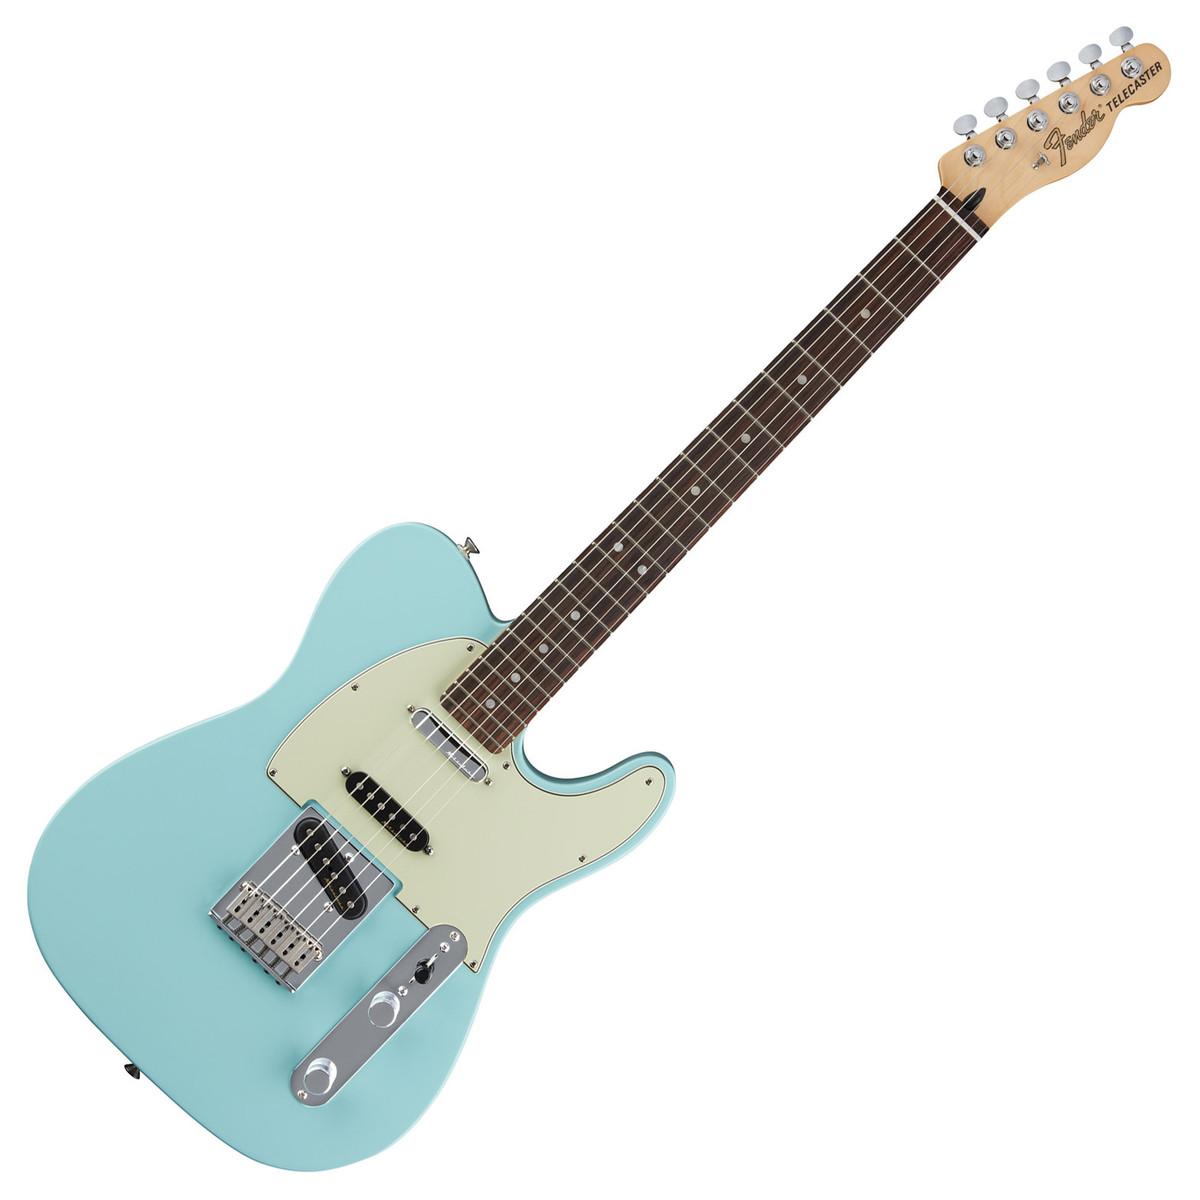 fender deluxe nashville telecaster electric guitar daphne blue at. Black Bedroom Furniture Sets. Home Design Ideas